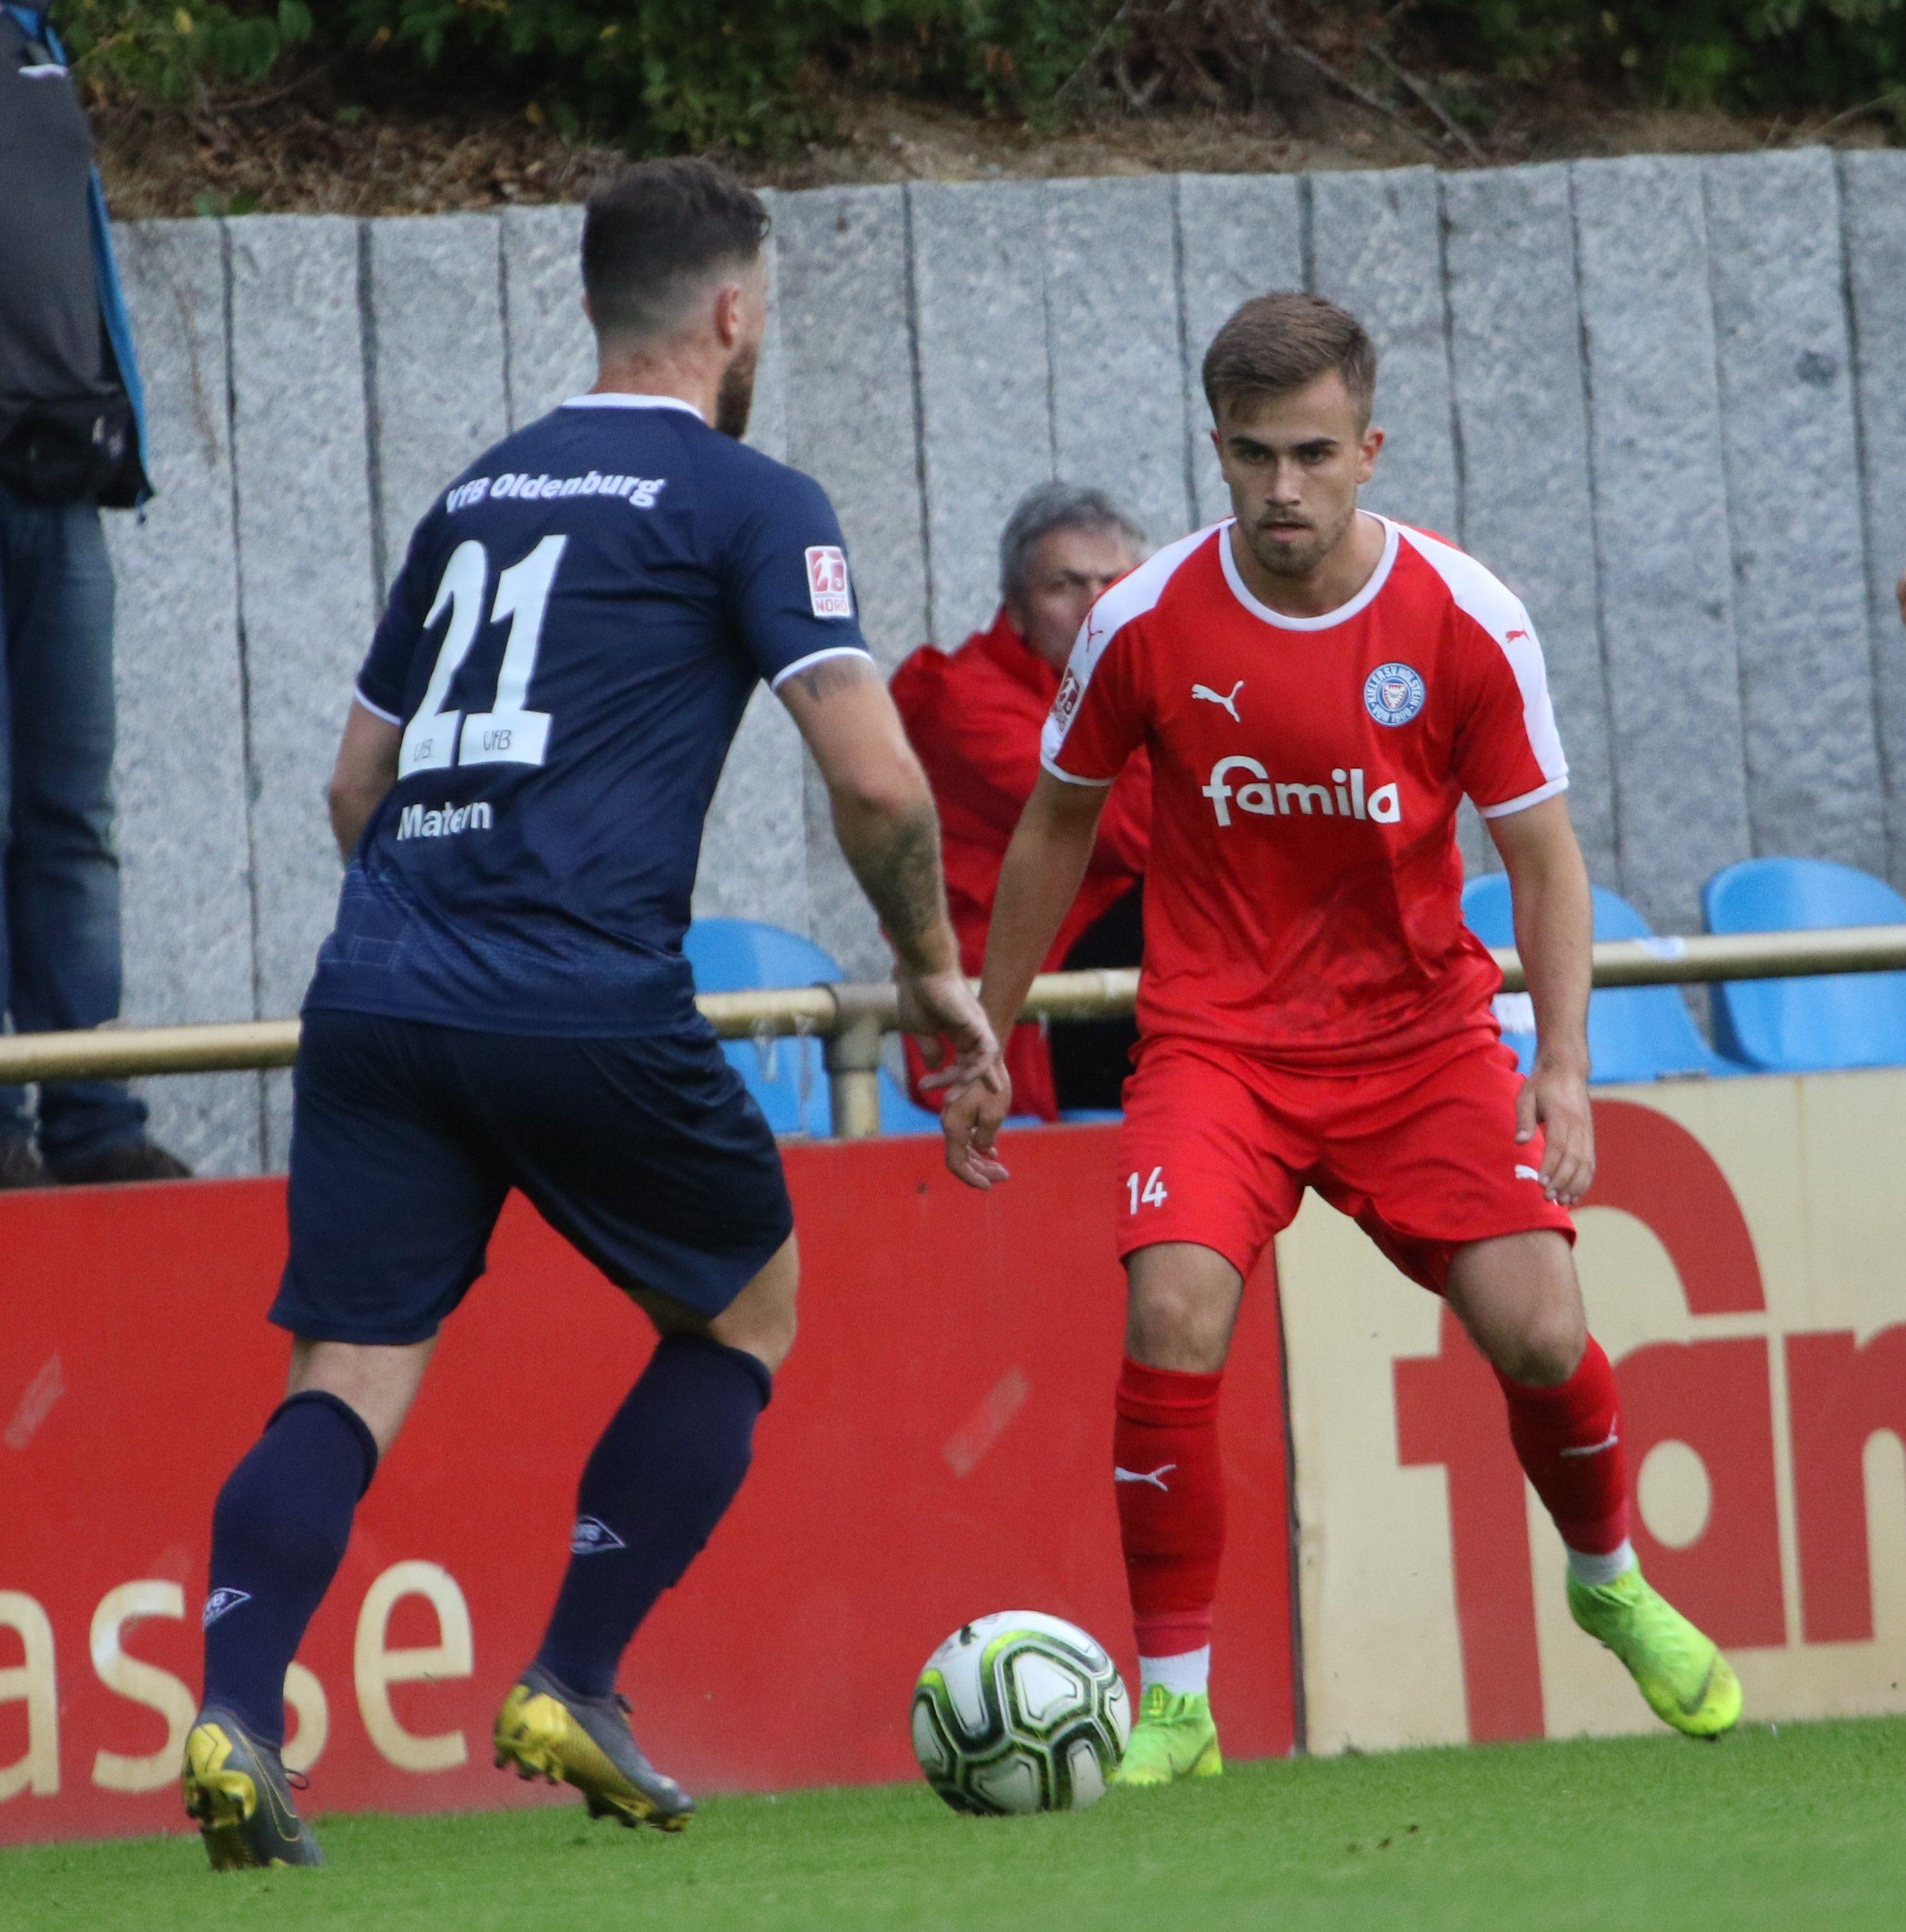 20190731 Felix Niebergall gegen Nico Matern